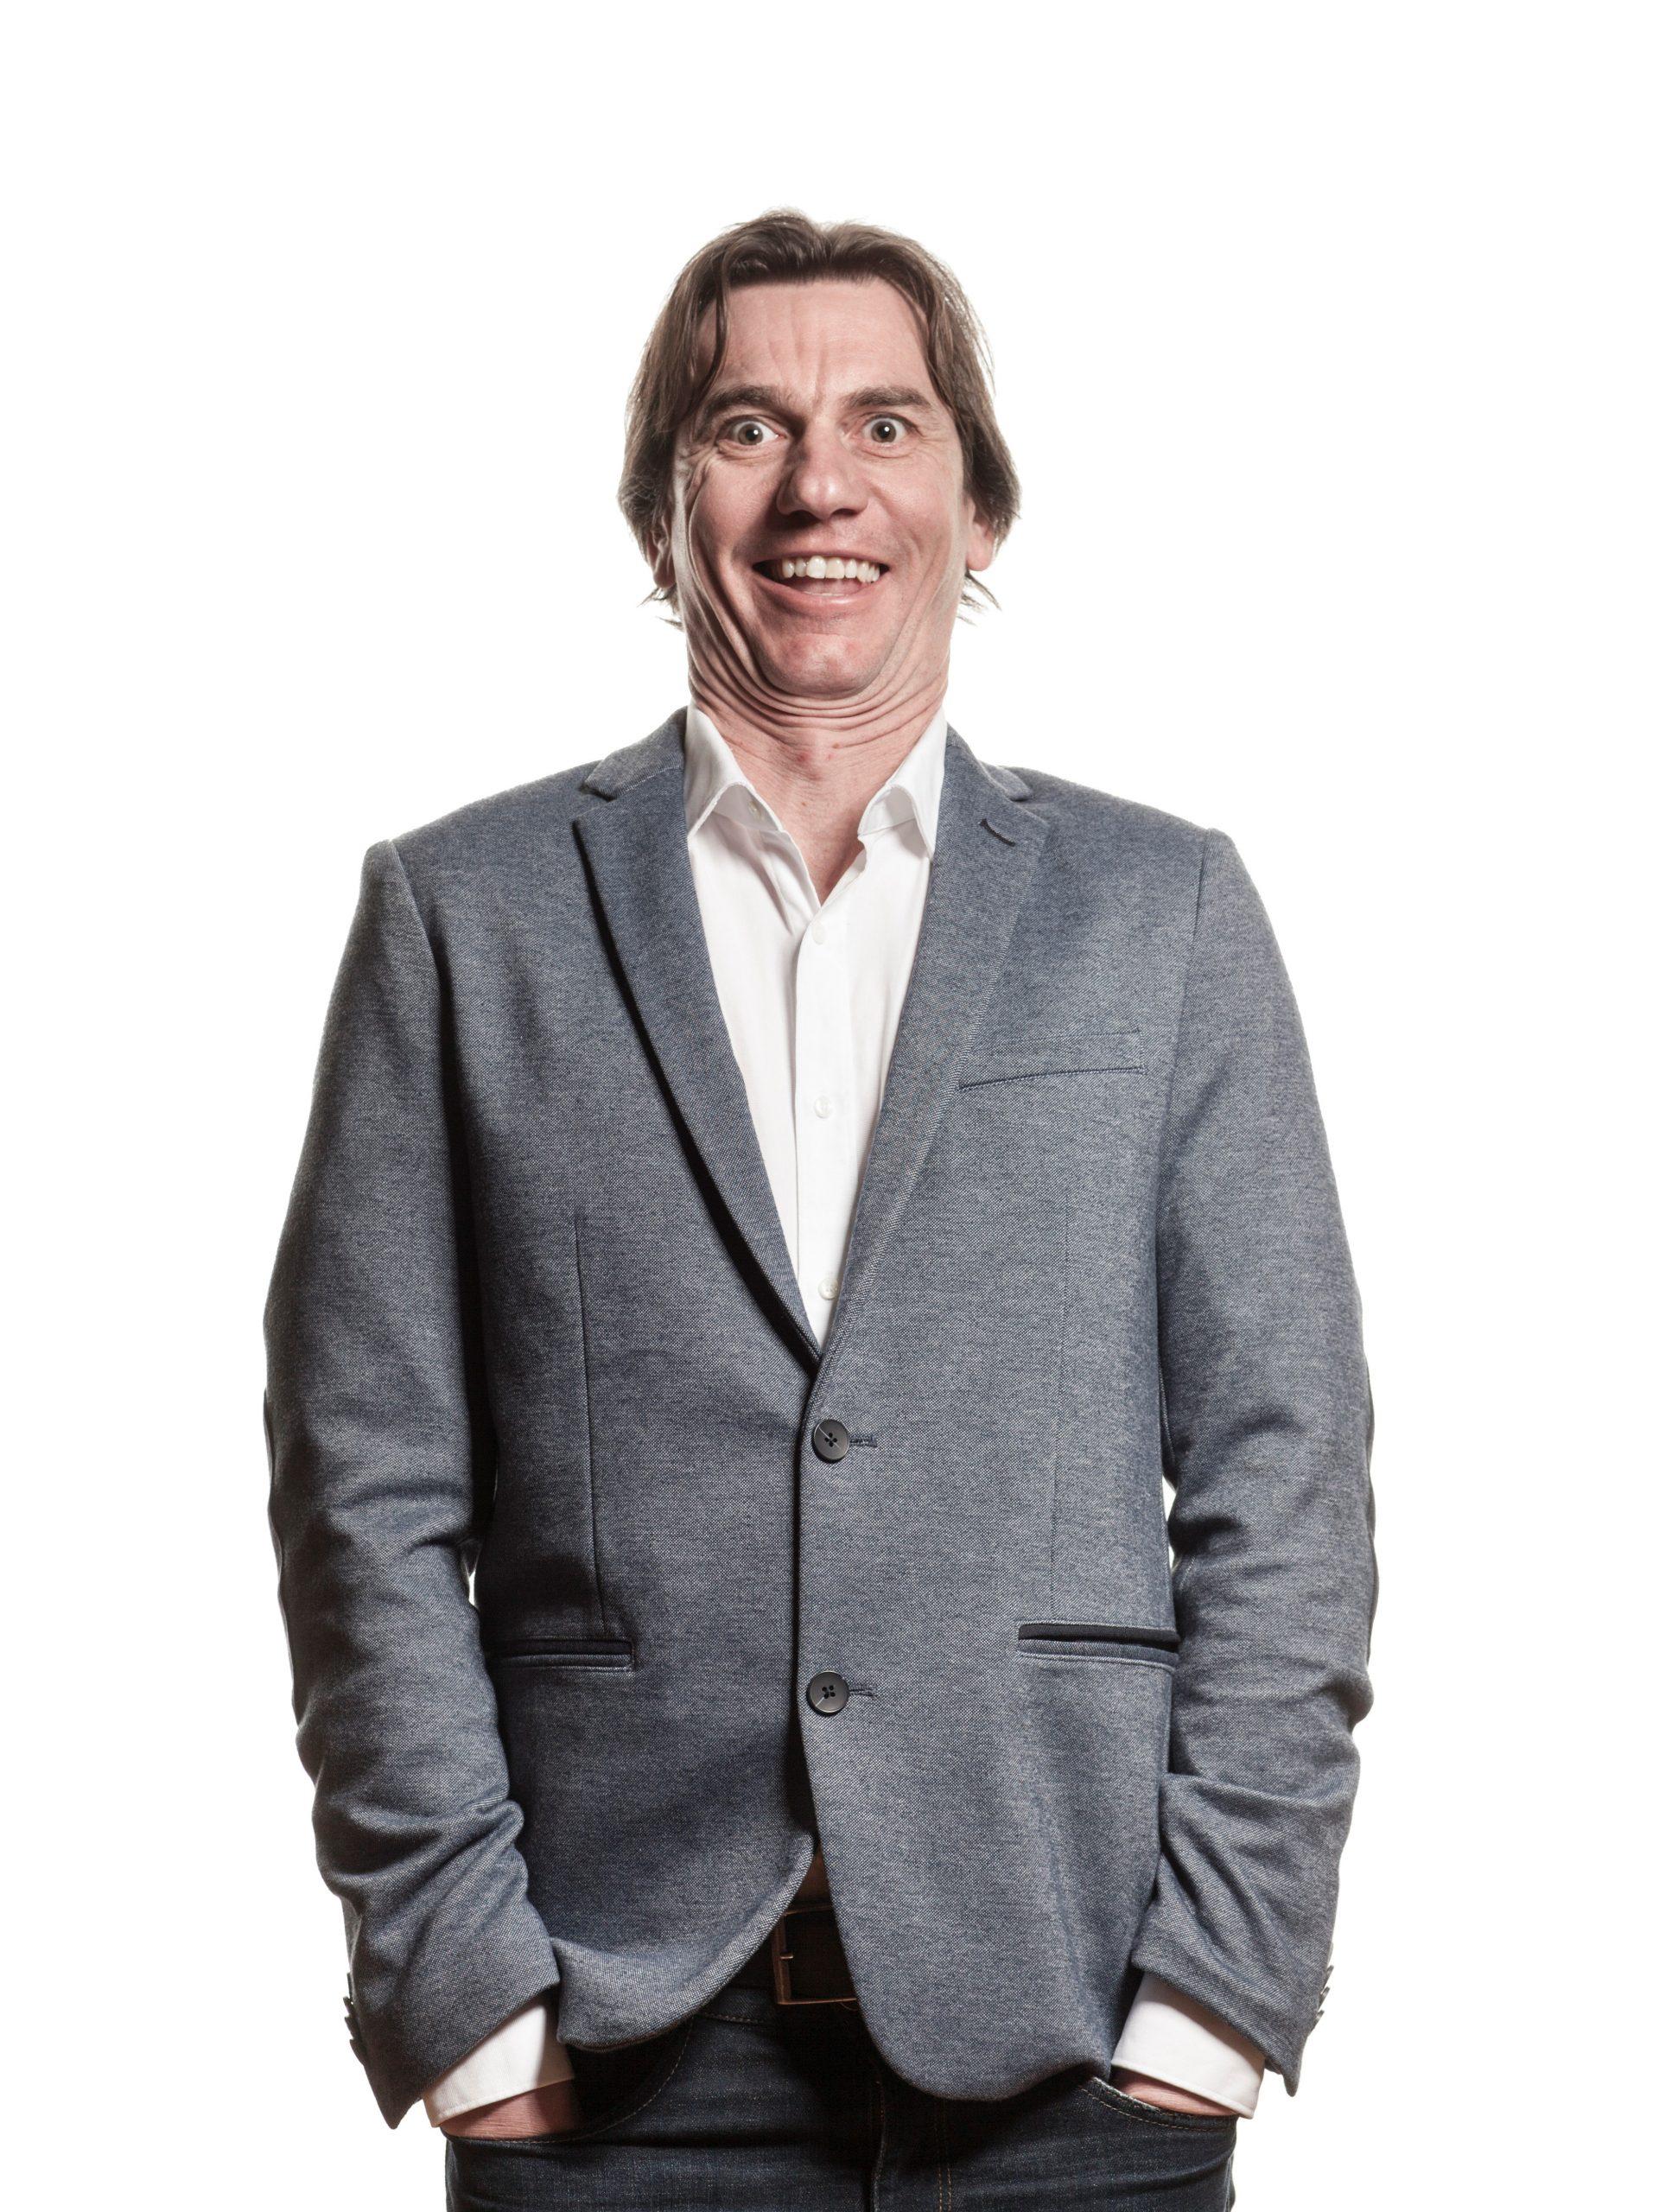 """Bert Gabriëls: bleft thoewes""""! - Bert Gabriëls 3 scaled"""